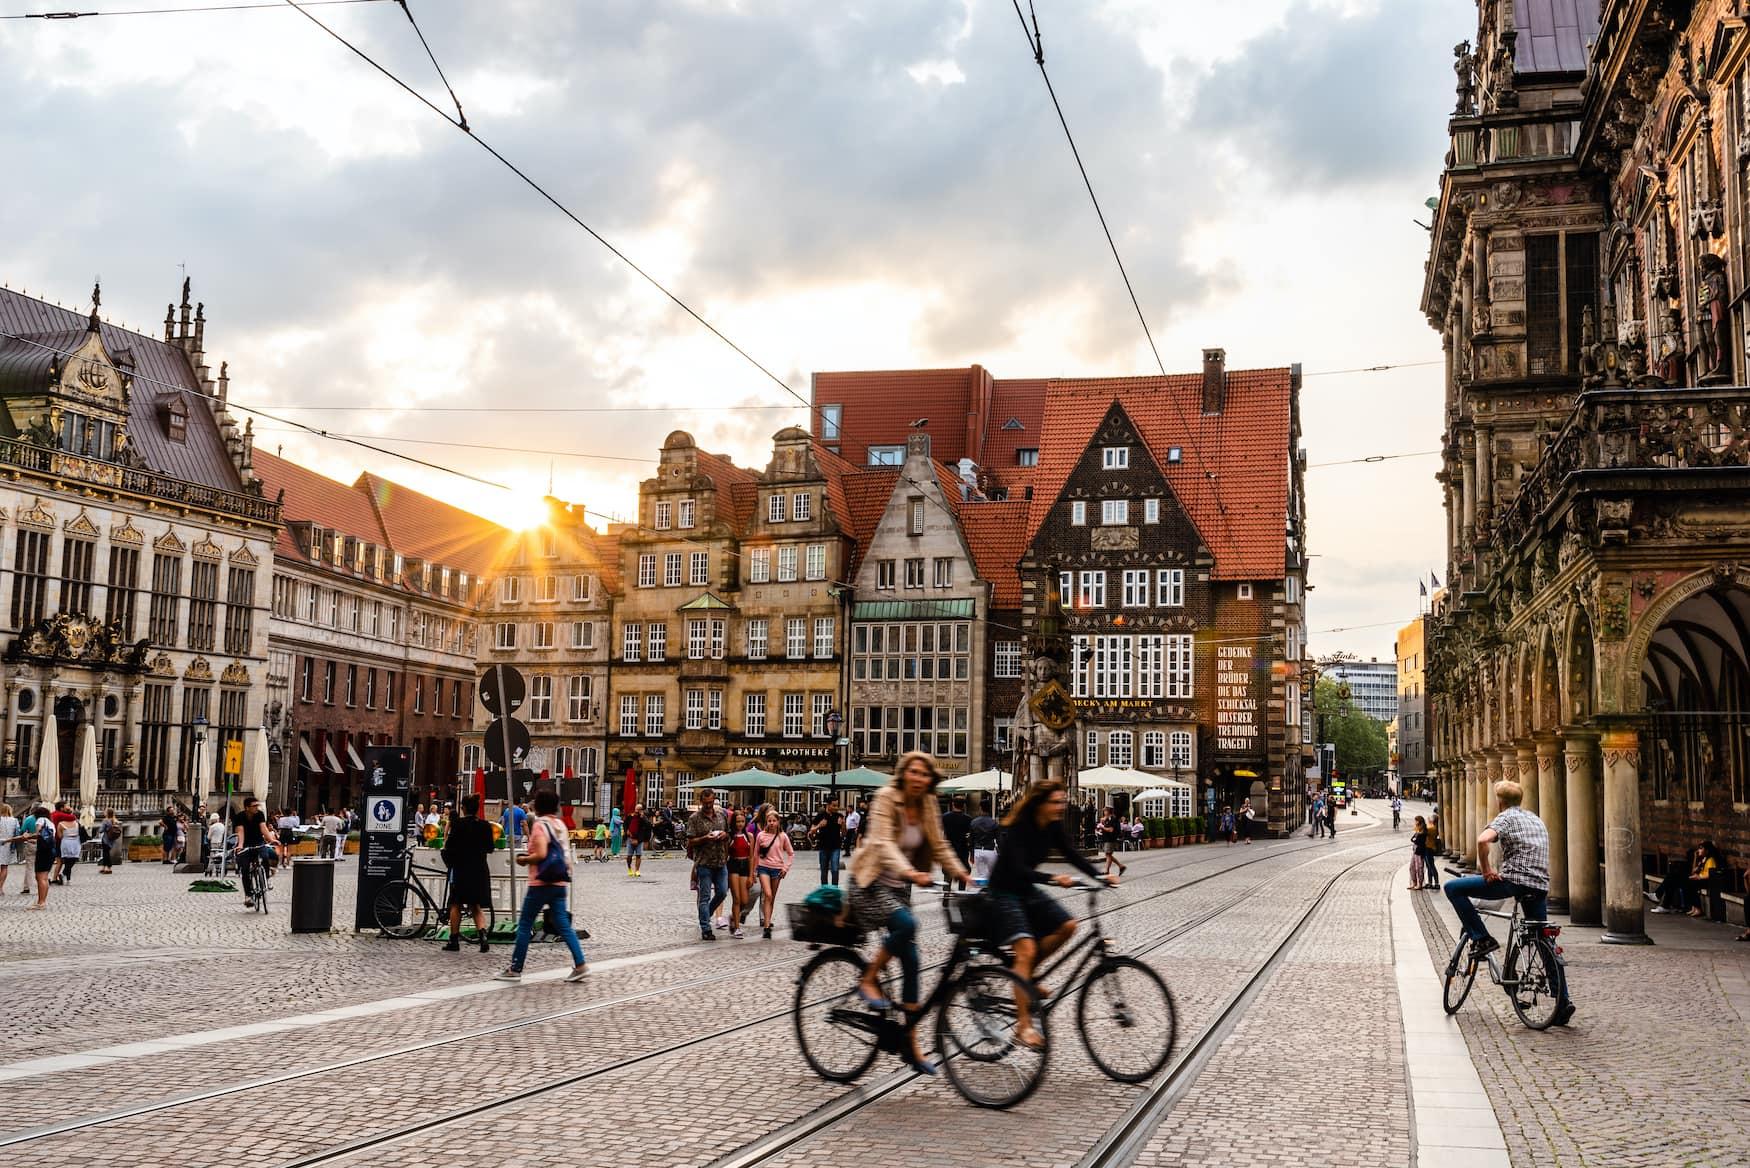 Historisches Zentrum der mittelalterlichen Hansestadt Bremen. Sonnenblende bei Sonnenuntergang